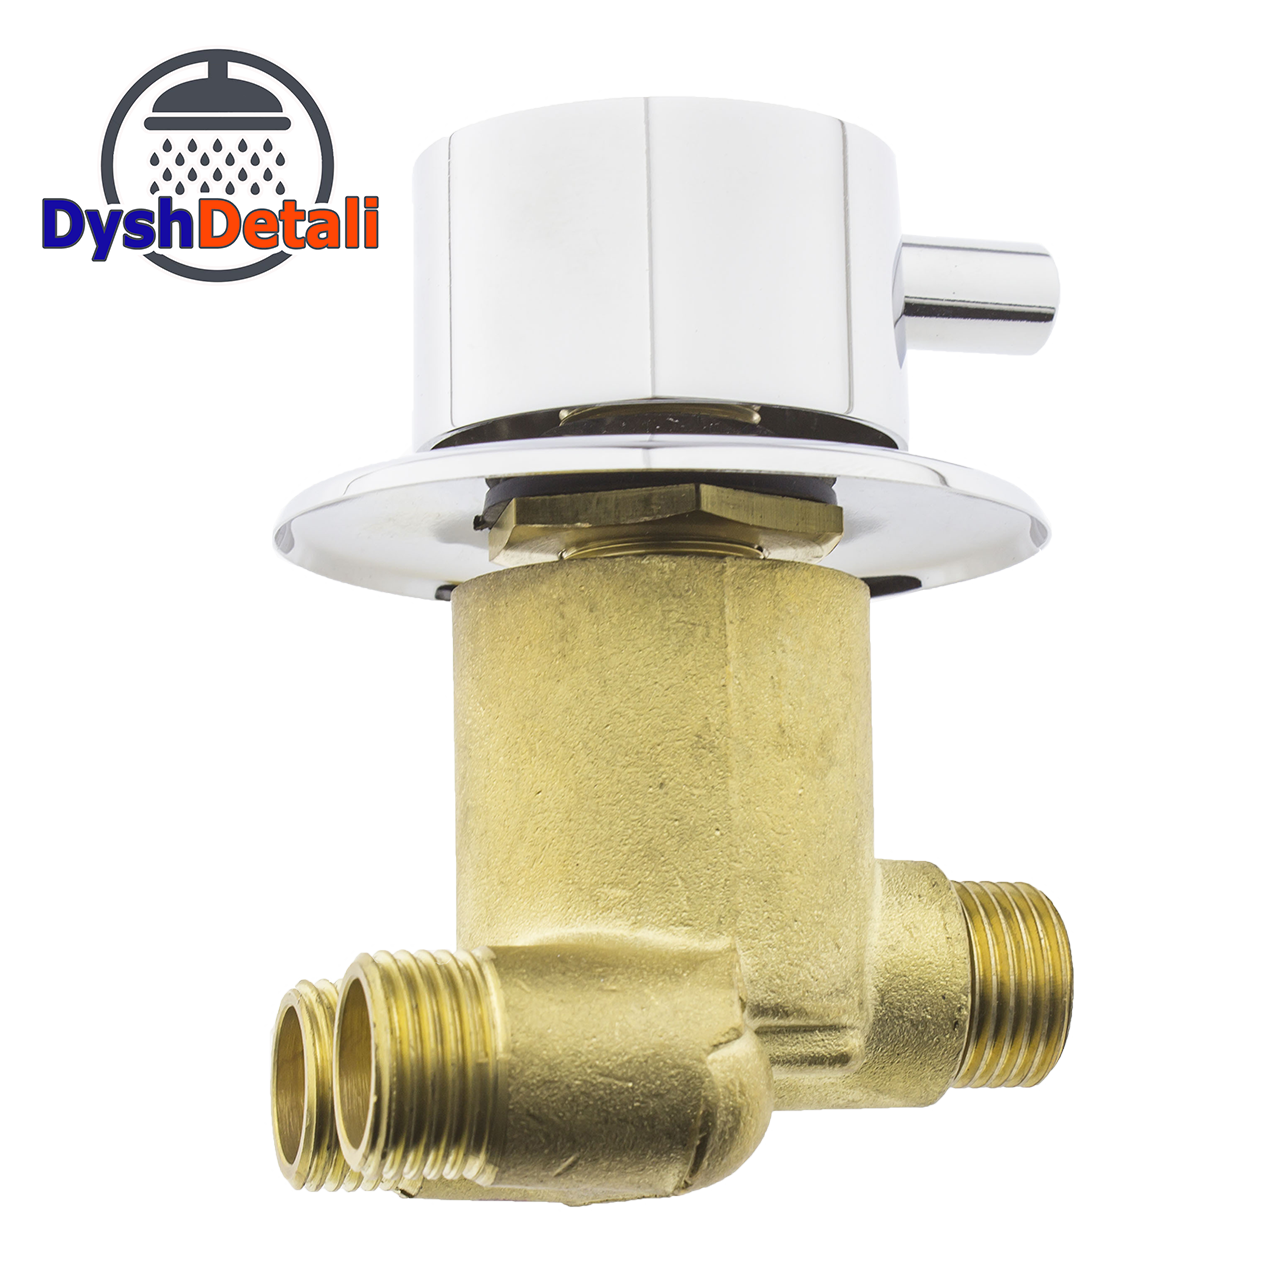 Смеситель для гидромассажной ванны и скрытого монтажа (ДЖ-6001) встраиваемый в изделие